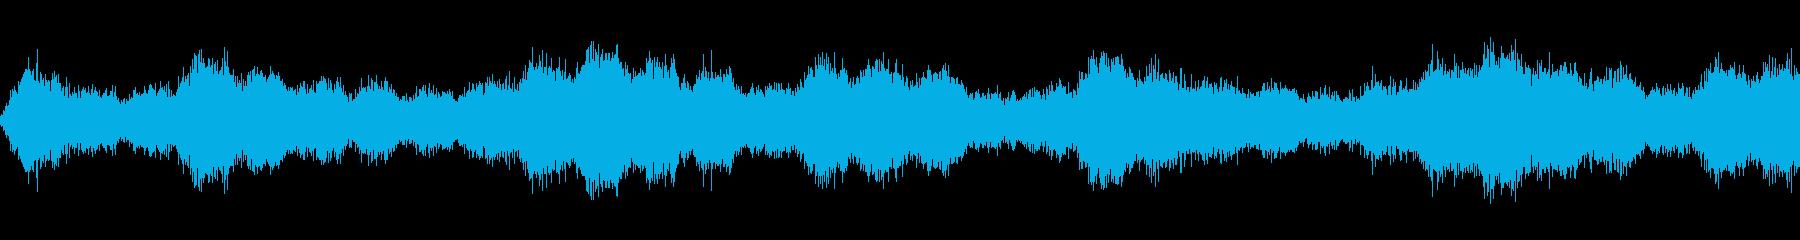 【ドラム抜き】浮遊感のある宇宙っぽいア…の再生済みの波形